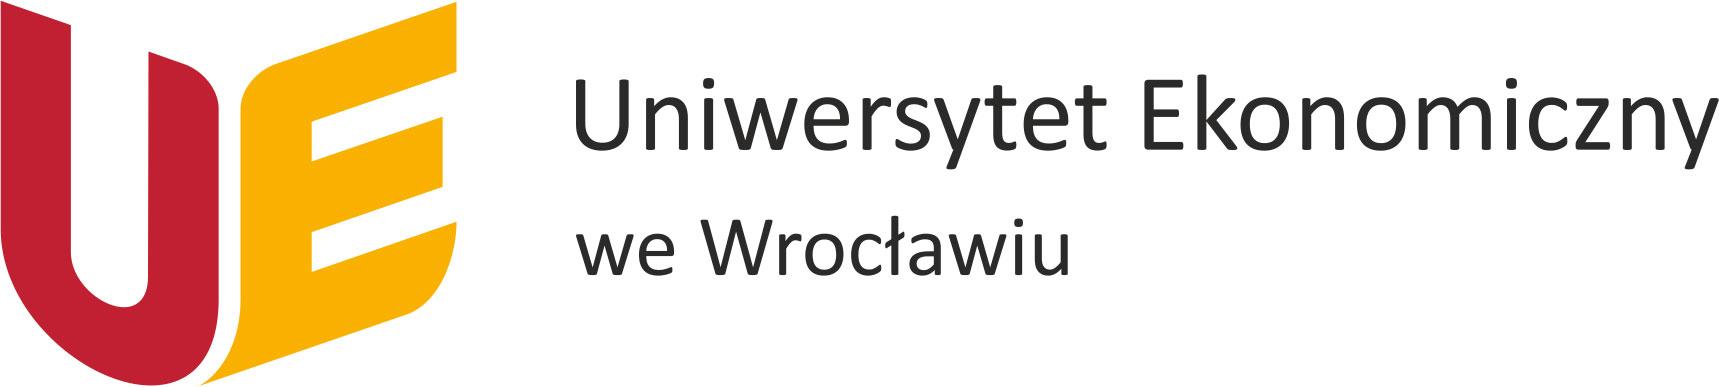 Logo Uniwersytet Ekonomiczny we Wrocławiu